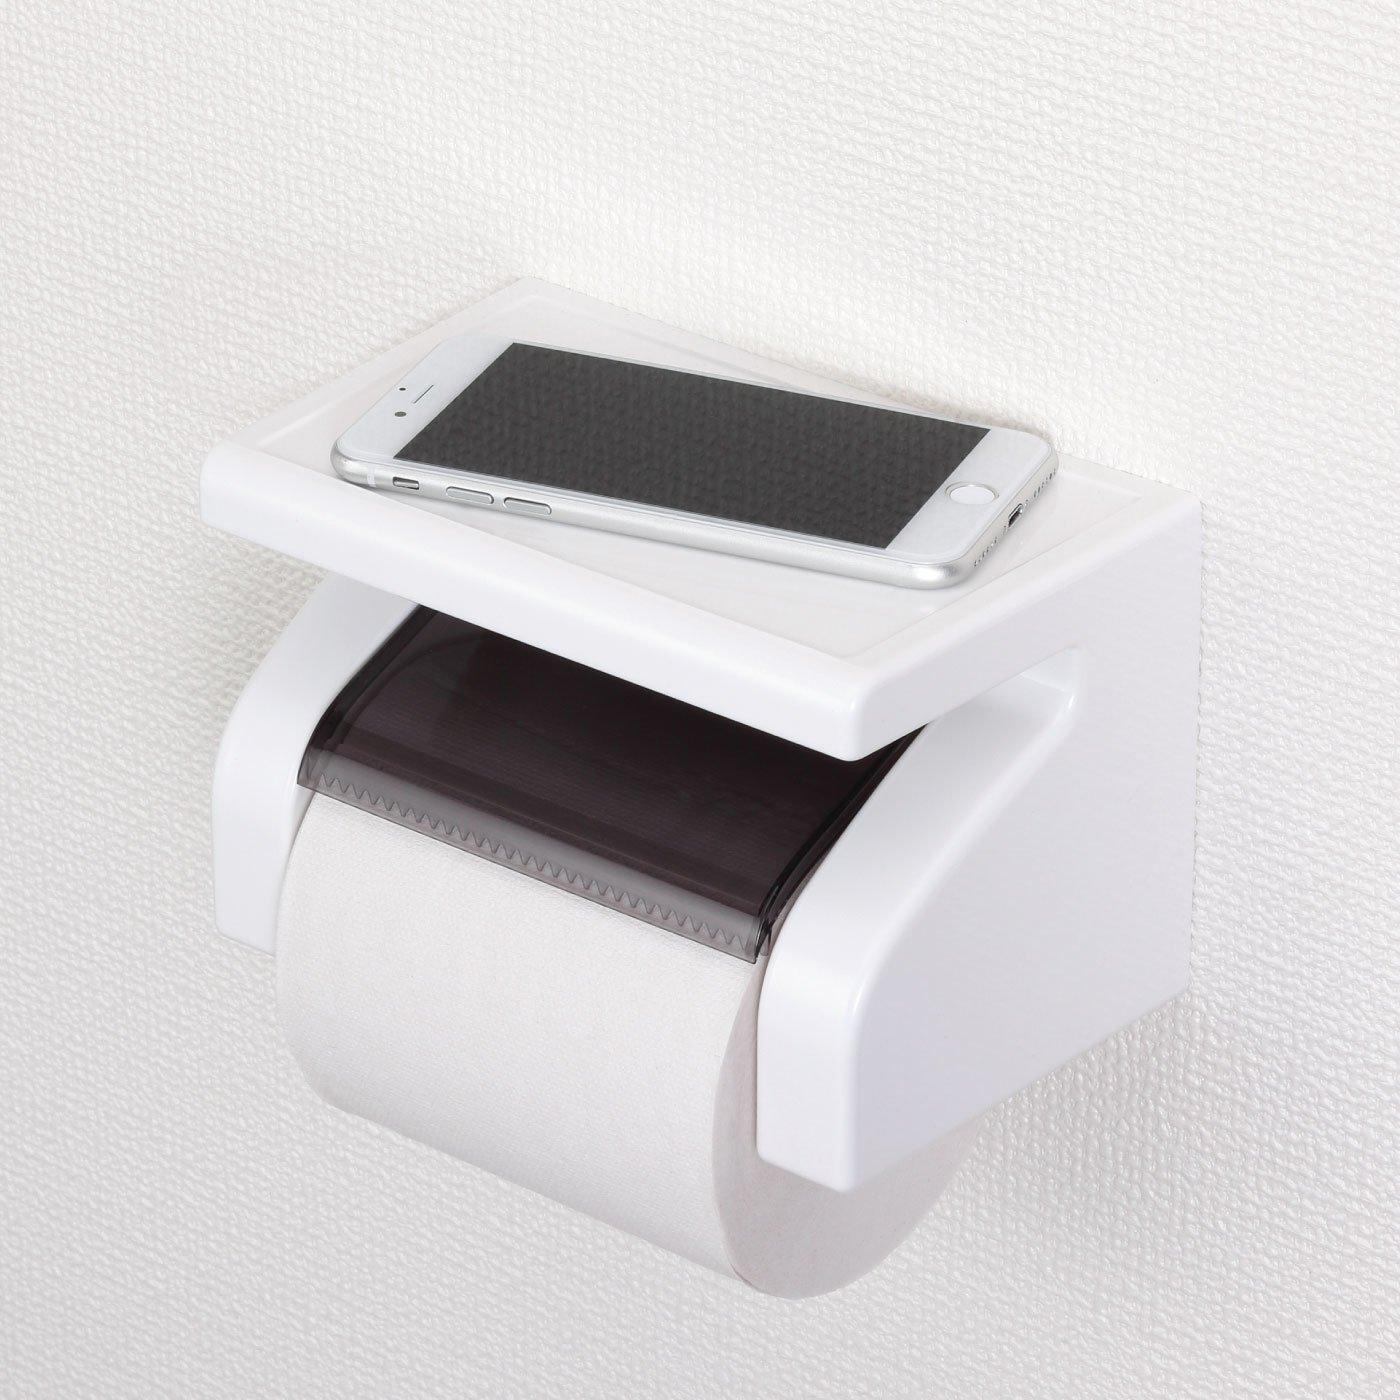 携帯電話や小物が置ける GR棚付きペーパーホルダー